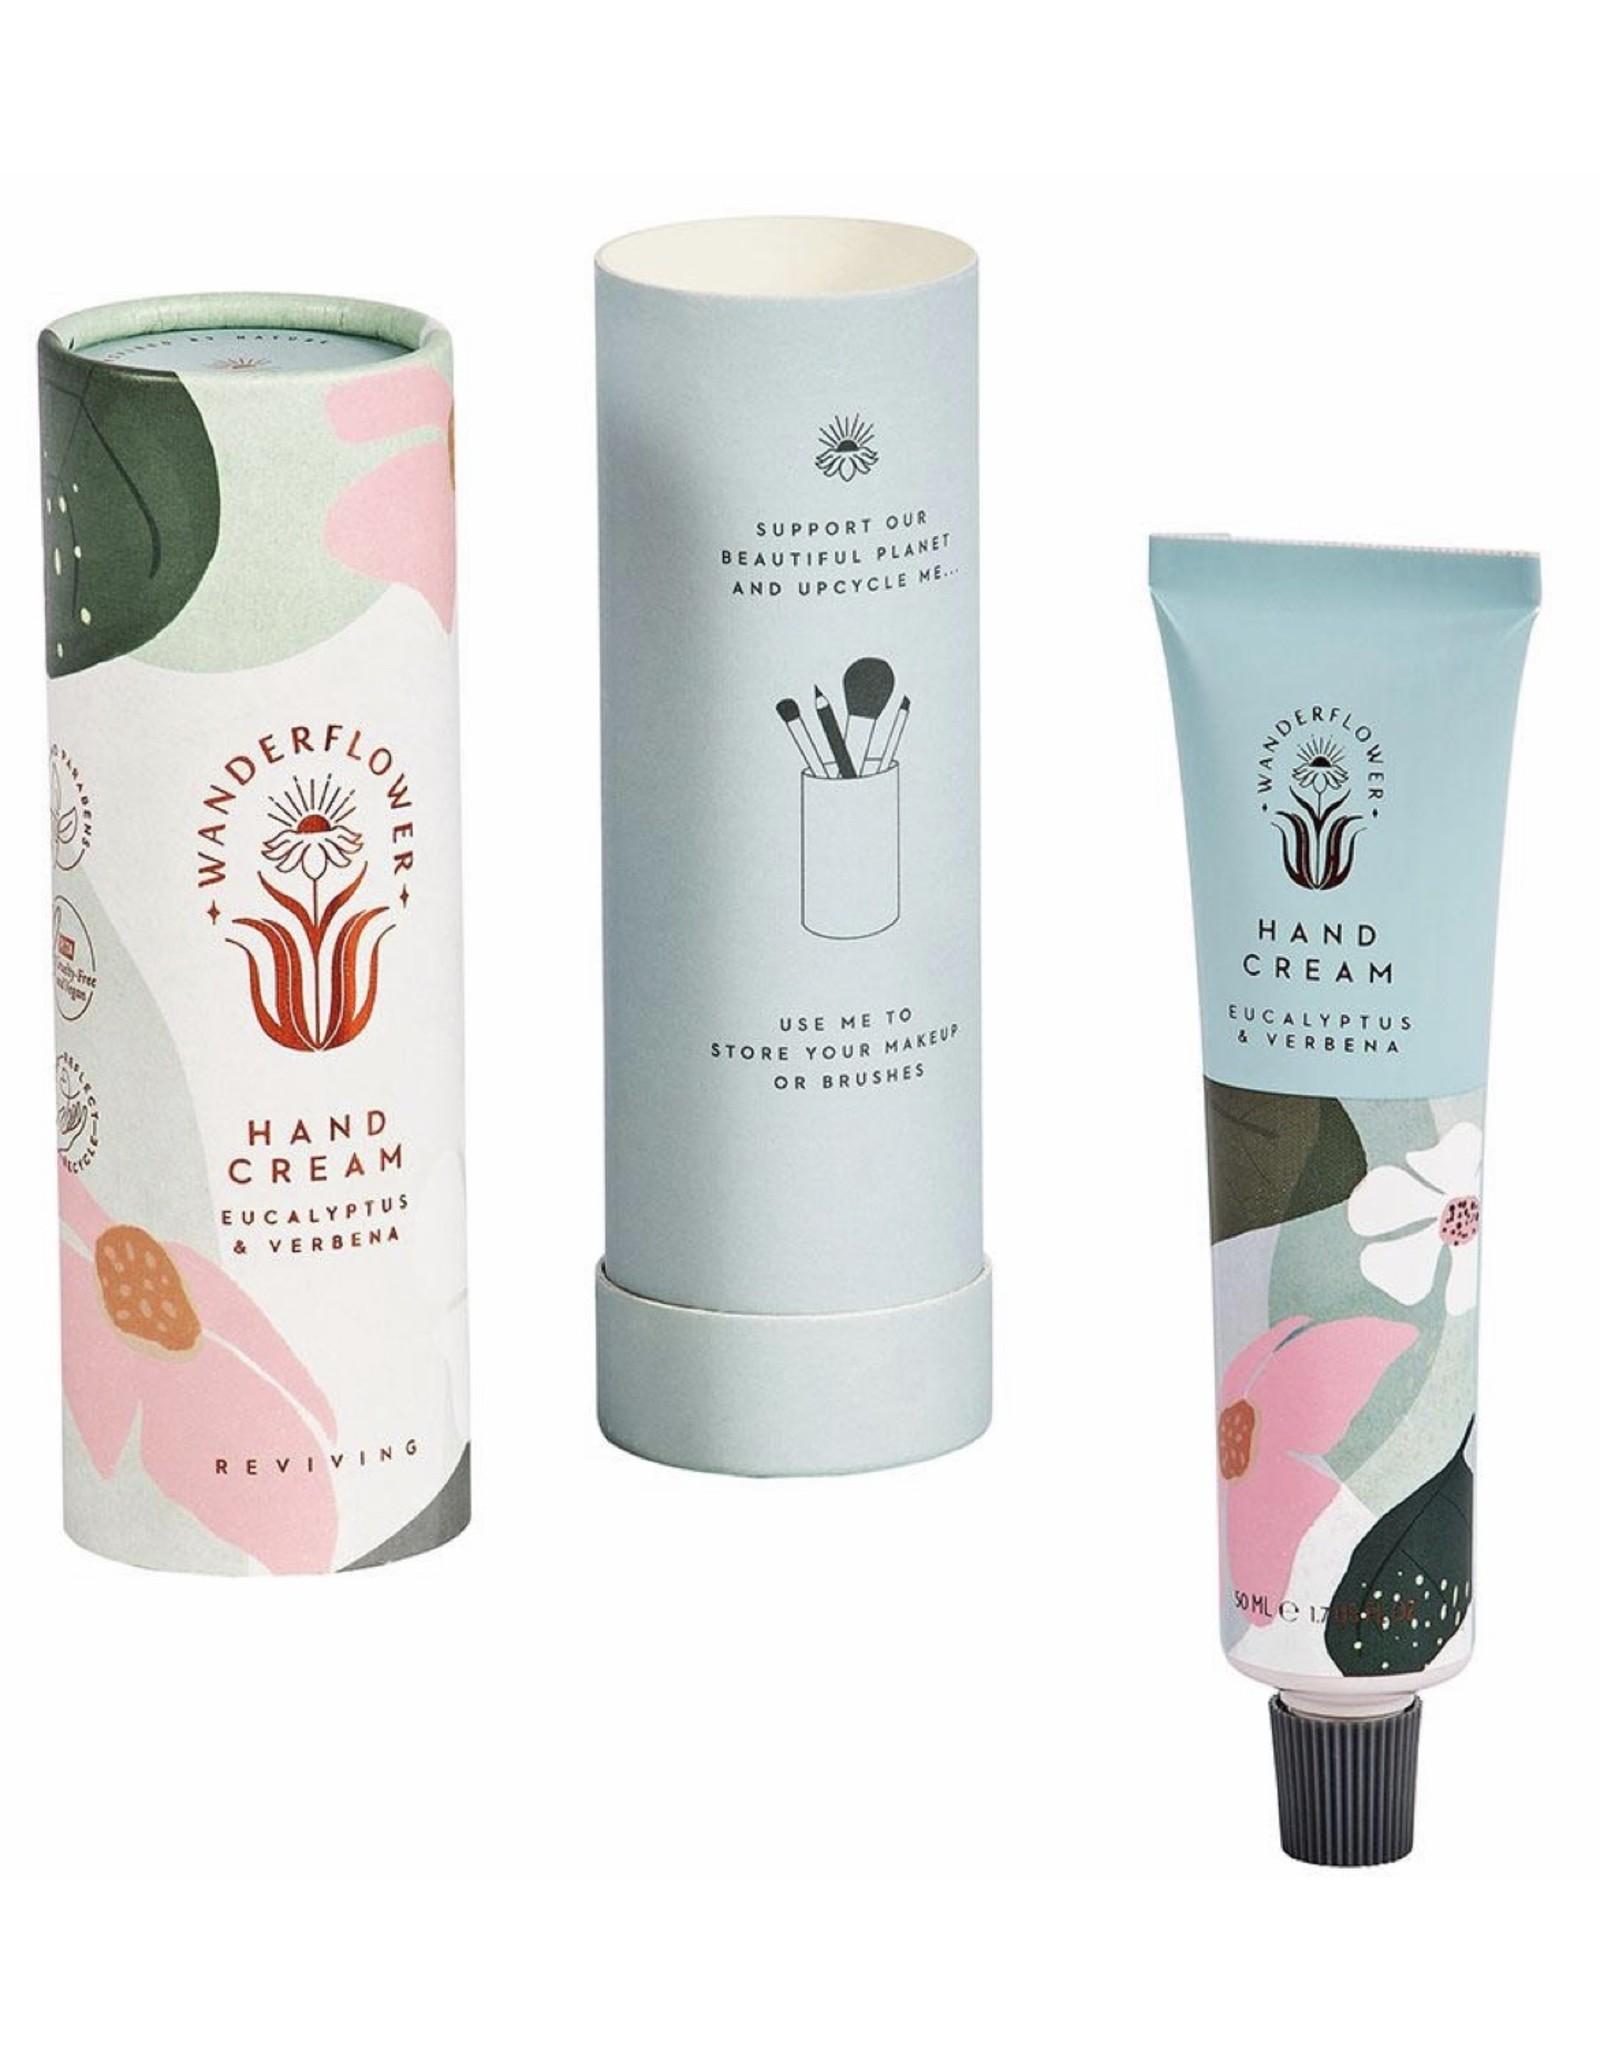 Hand Cream Eucalyptus & Verbena